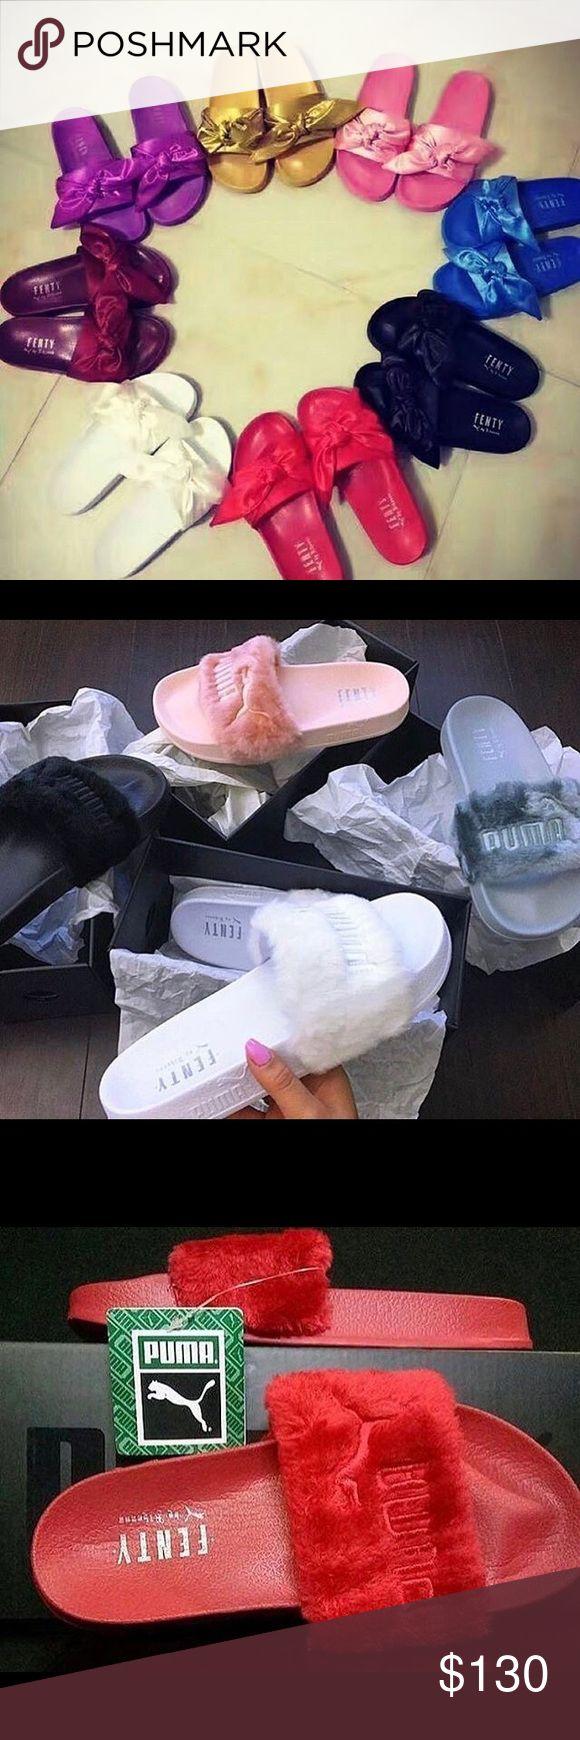 Rihanna puma slides rihanna puma slides all brand new no traded no lower offers all sizes Puma Shoes Sandals